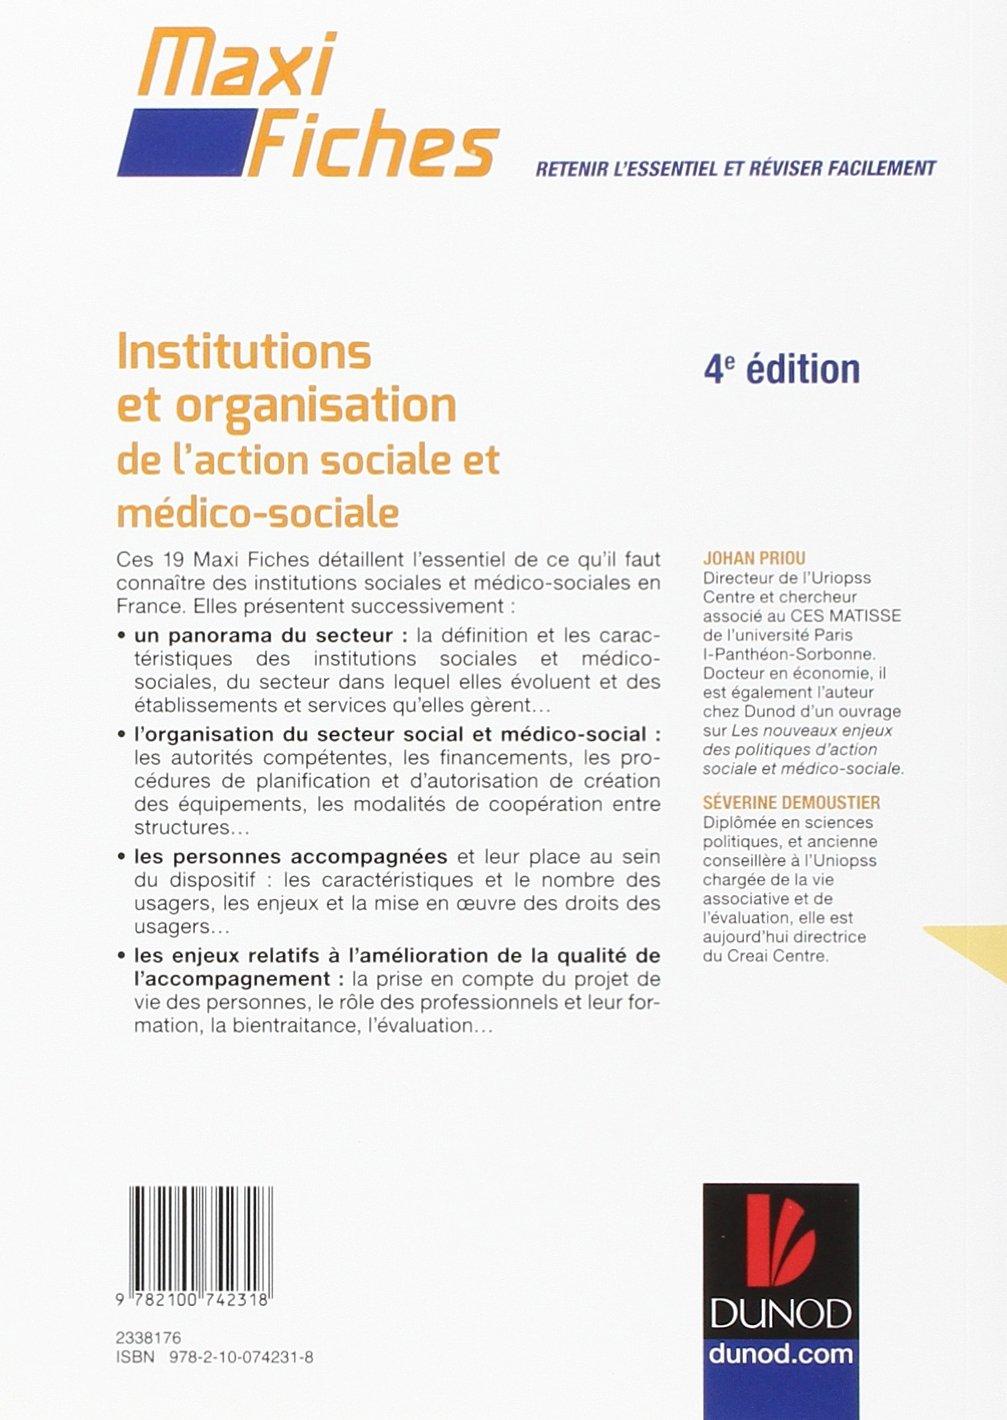 Amazon Fr Maxi Fiches Institutions Et Organisation De L Action